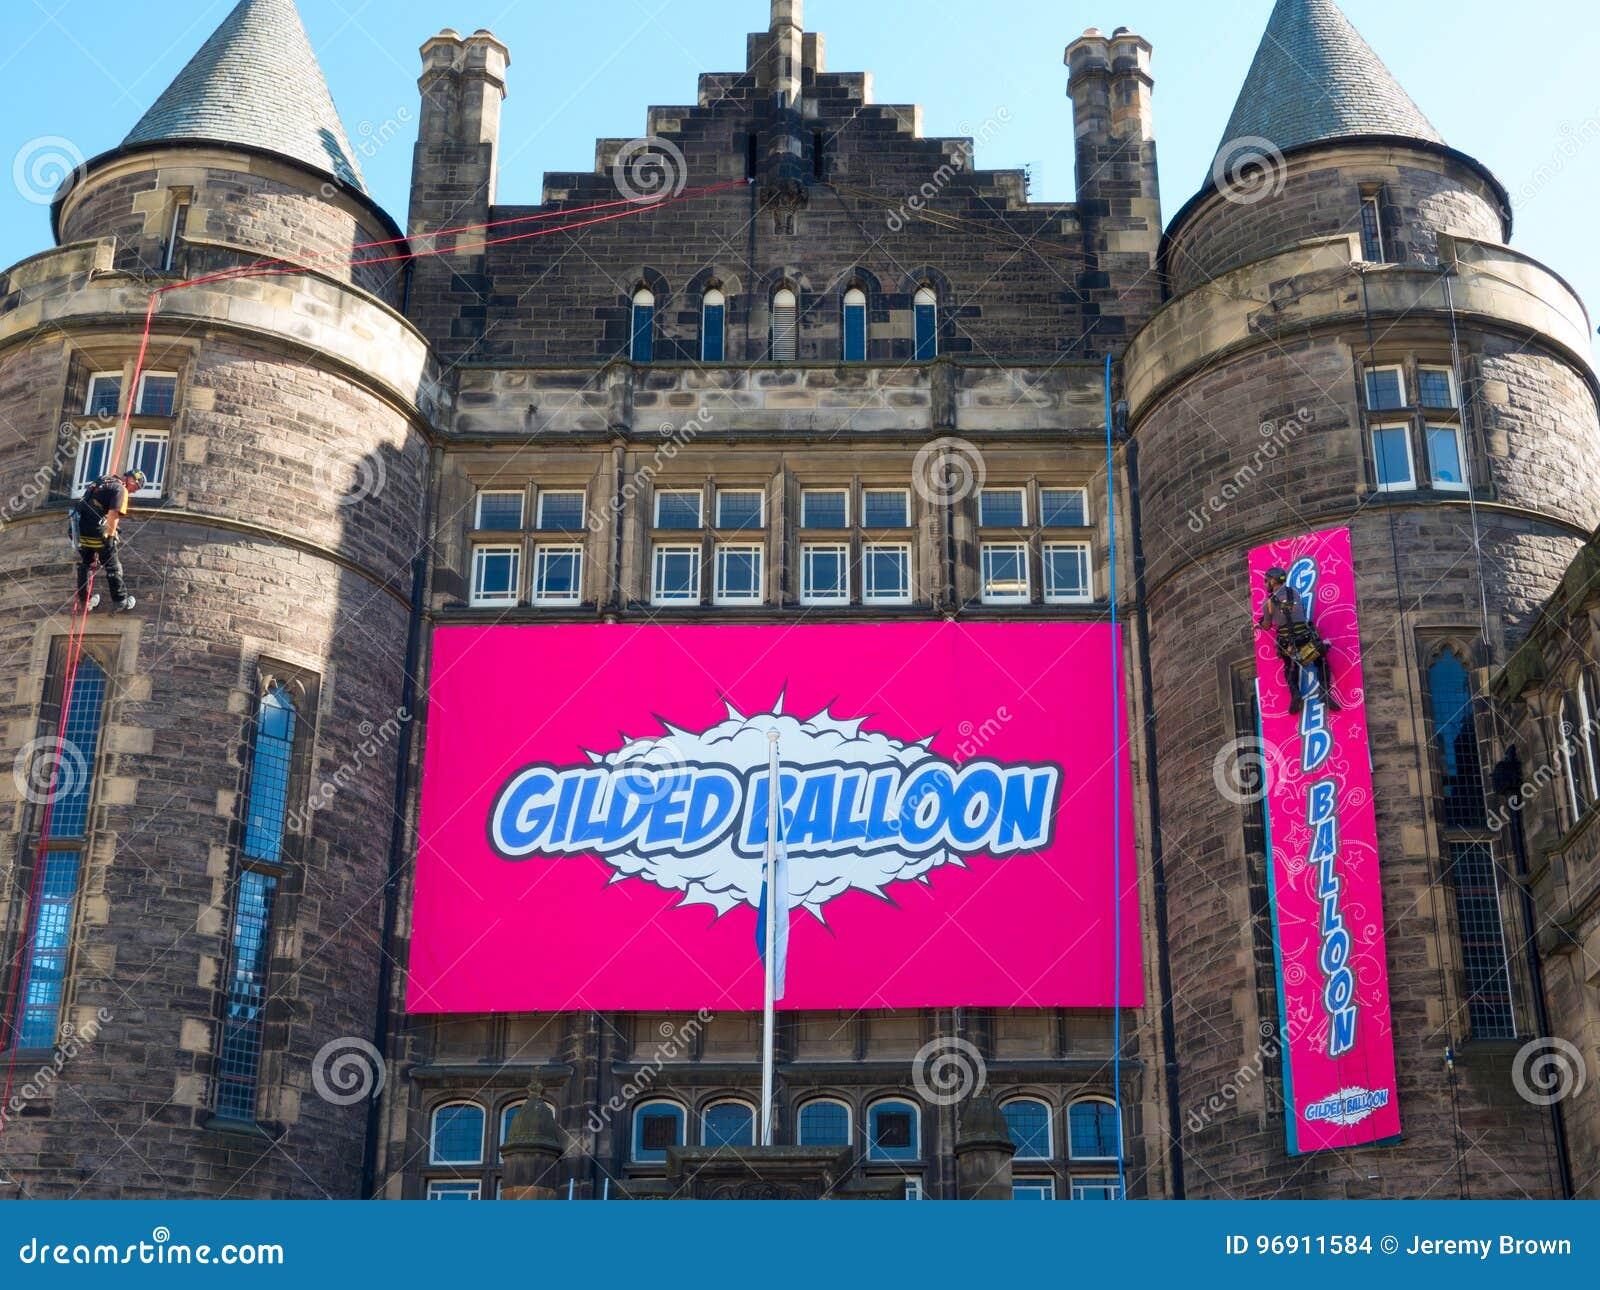 The Gilded Balloon at the Edinburgh Festival Fringe